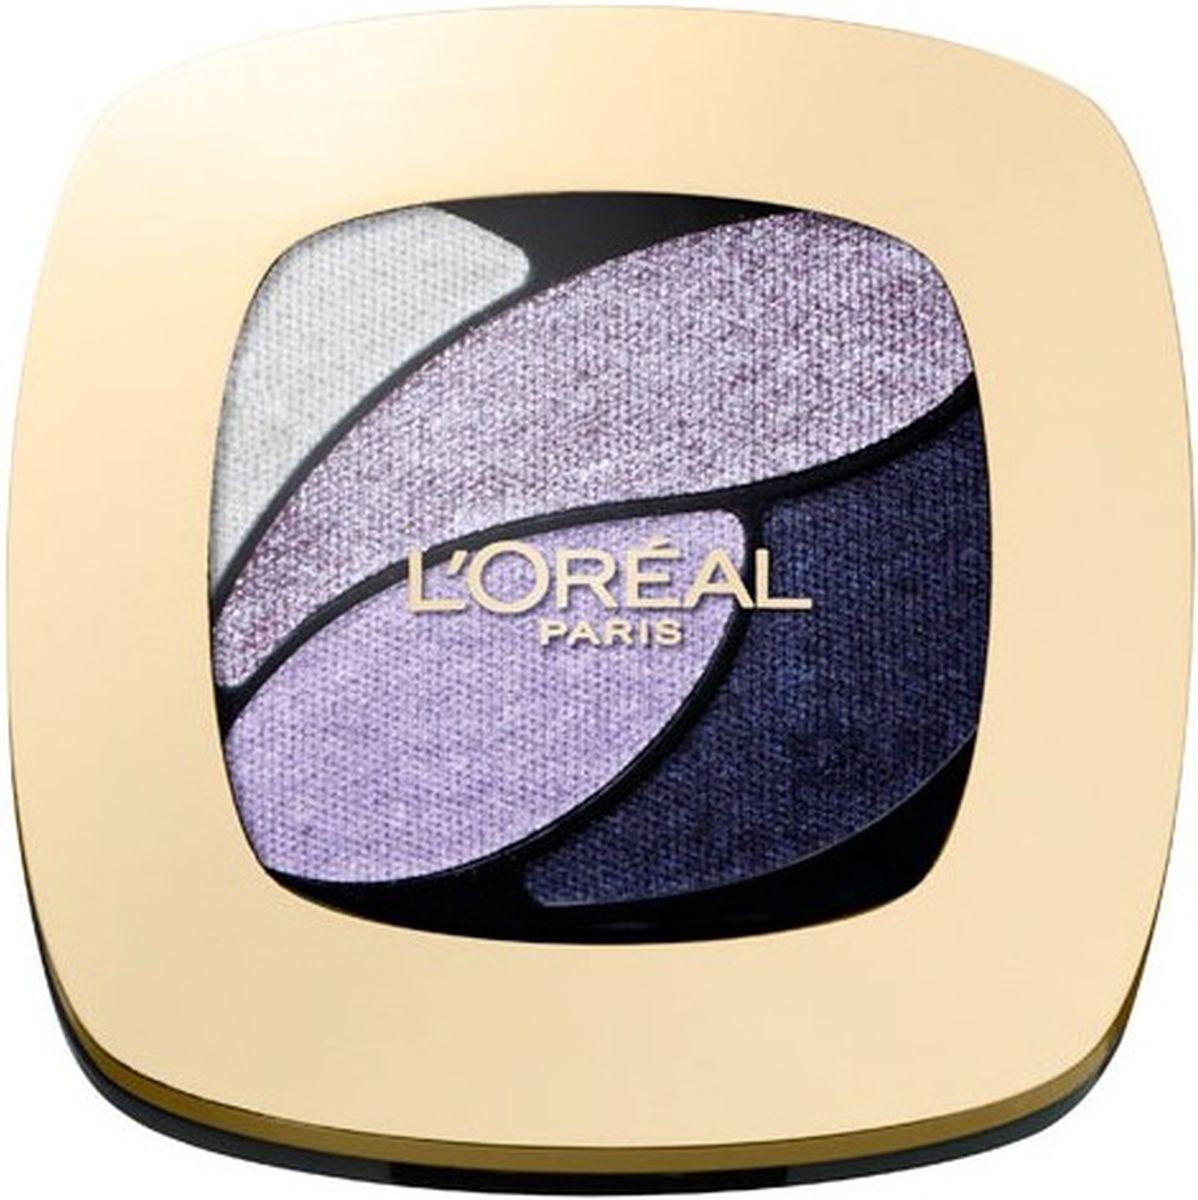 LOreal Paris Тени для век Color Riche, Квадро, оттенок E7, Сиреневые шпильки, стойкие, 4,5 г5010777142037Тени Квадро Color Riche - ваш персональный визажист . Модные оттенки, насыщенные цвета. Формула нового поколения: идеальная пропорция пигментов и перламутровых частиц для достижения насыщенного и яркого цвета. Инновационный двусторонний аппликатор для профессионального нанесения: традиционная кисточка для растушевки базовых цветов, углообразная кисточка для создания эффекта подводки. Нежная кремовая текстура. Стойкость 12 часов.